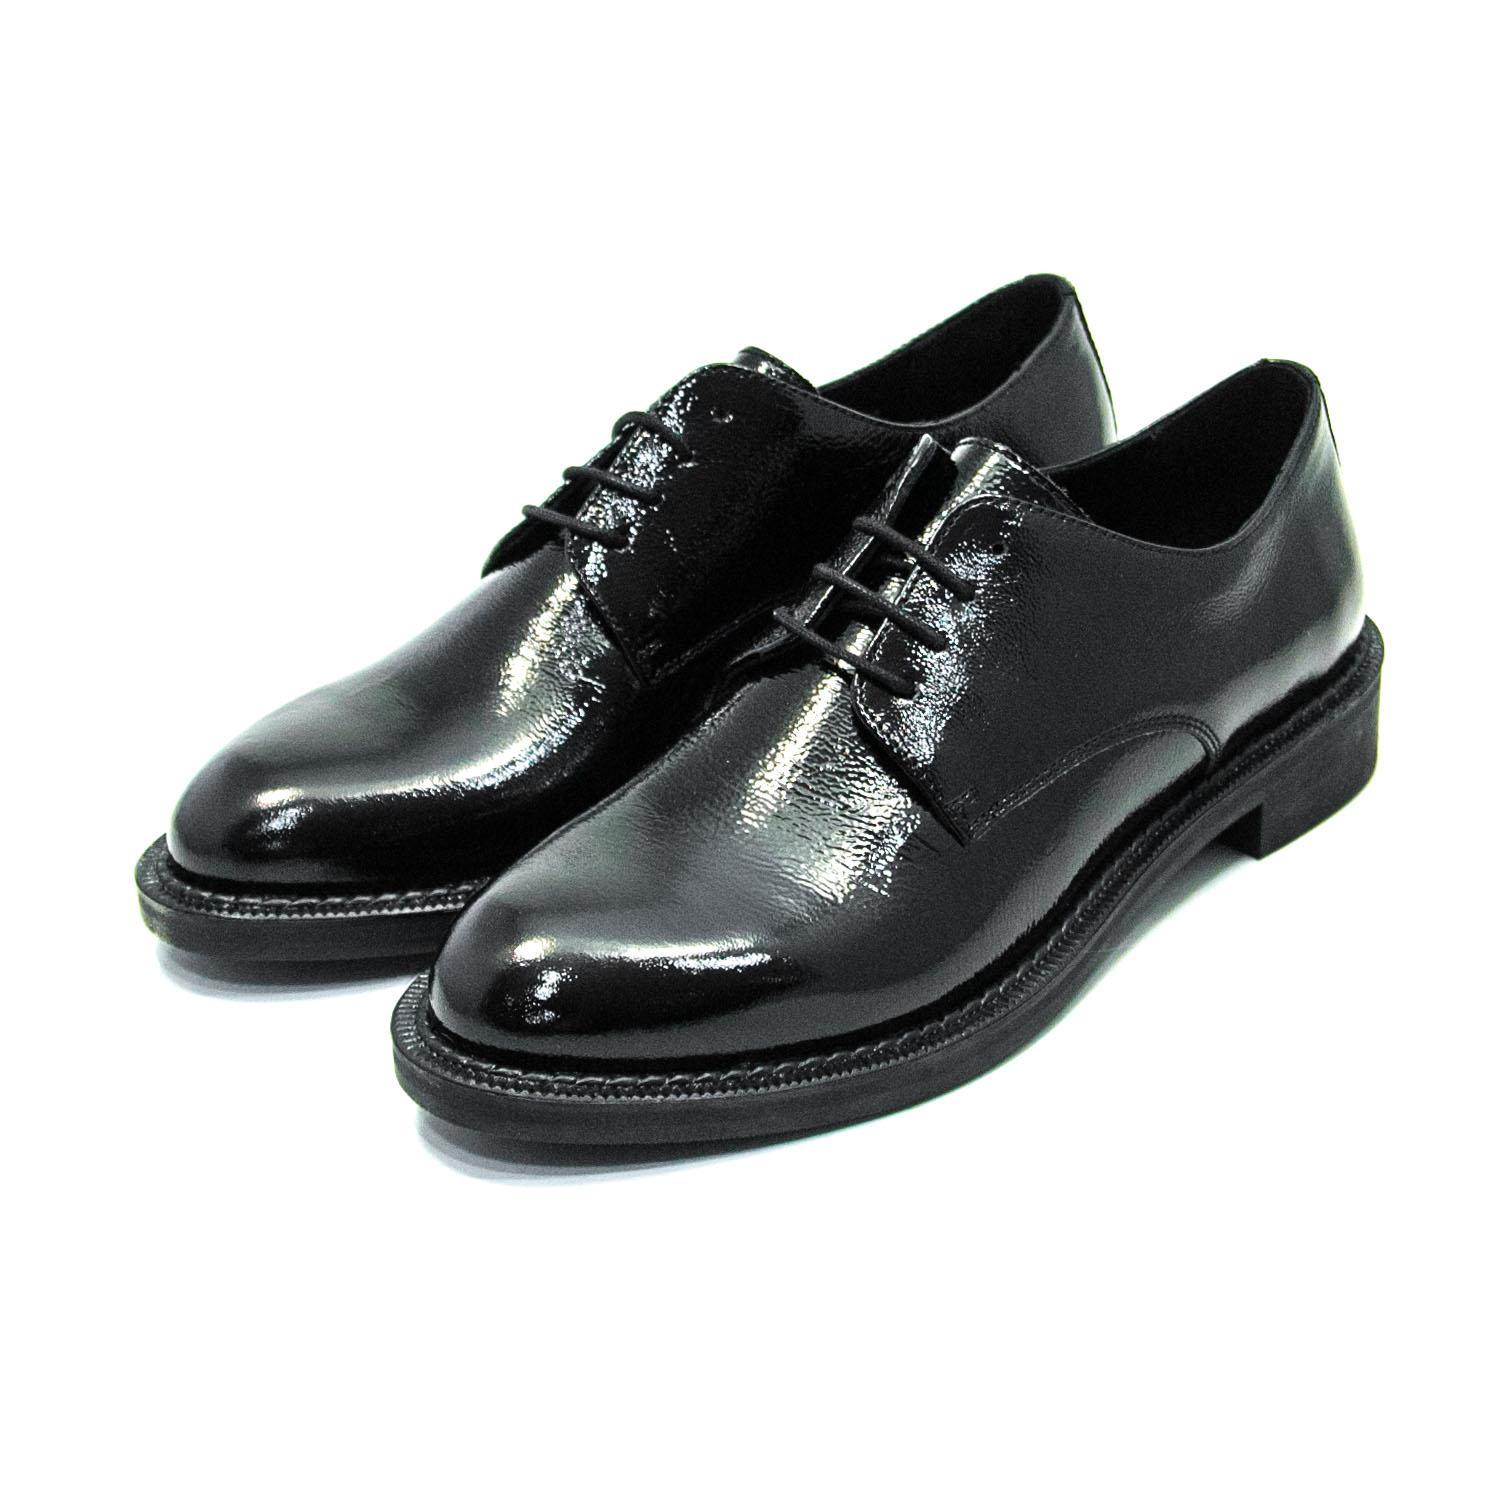 Γυναικείο παπούτσι FRAU 9545